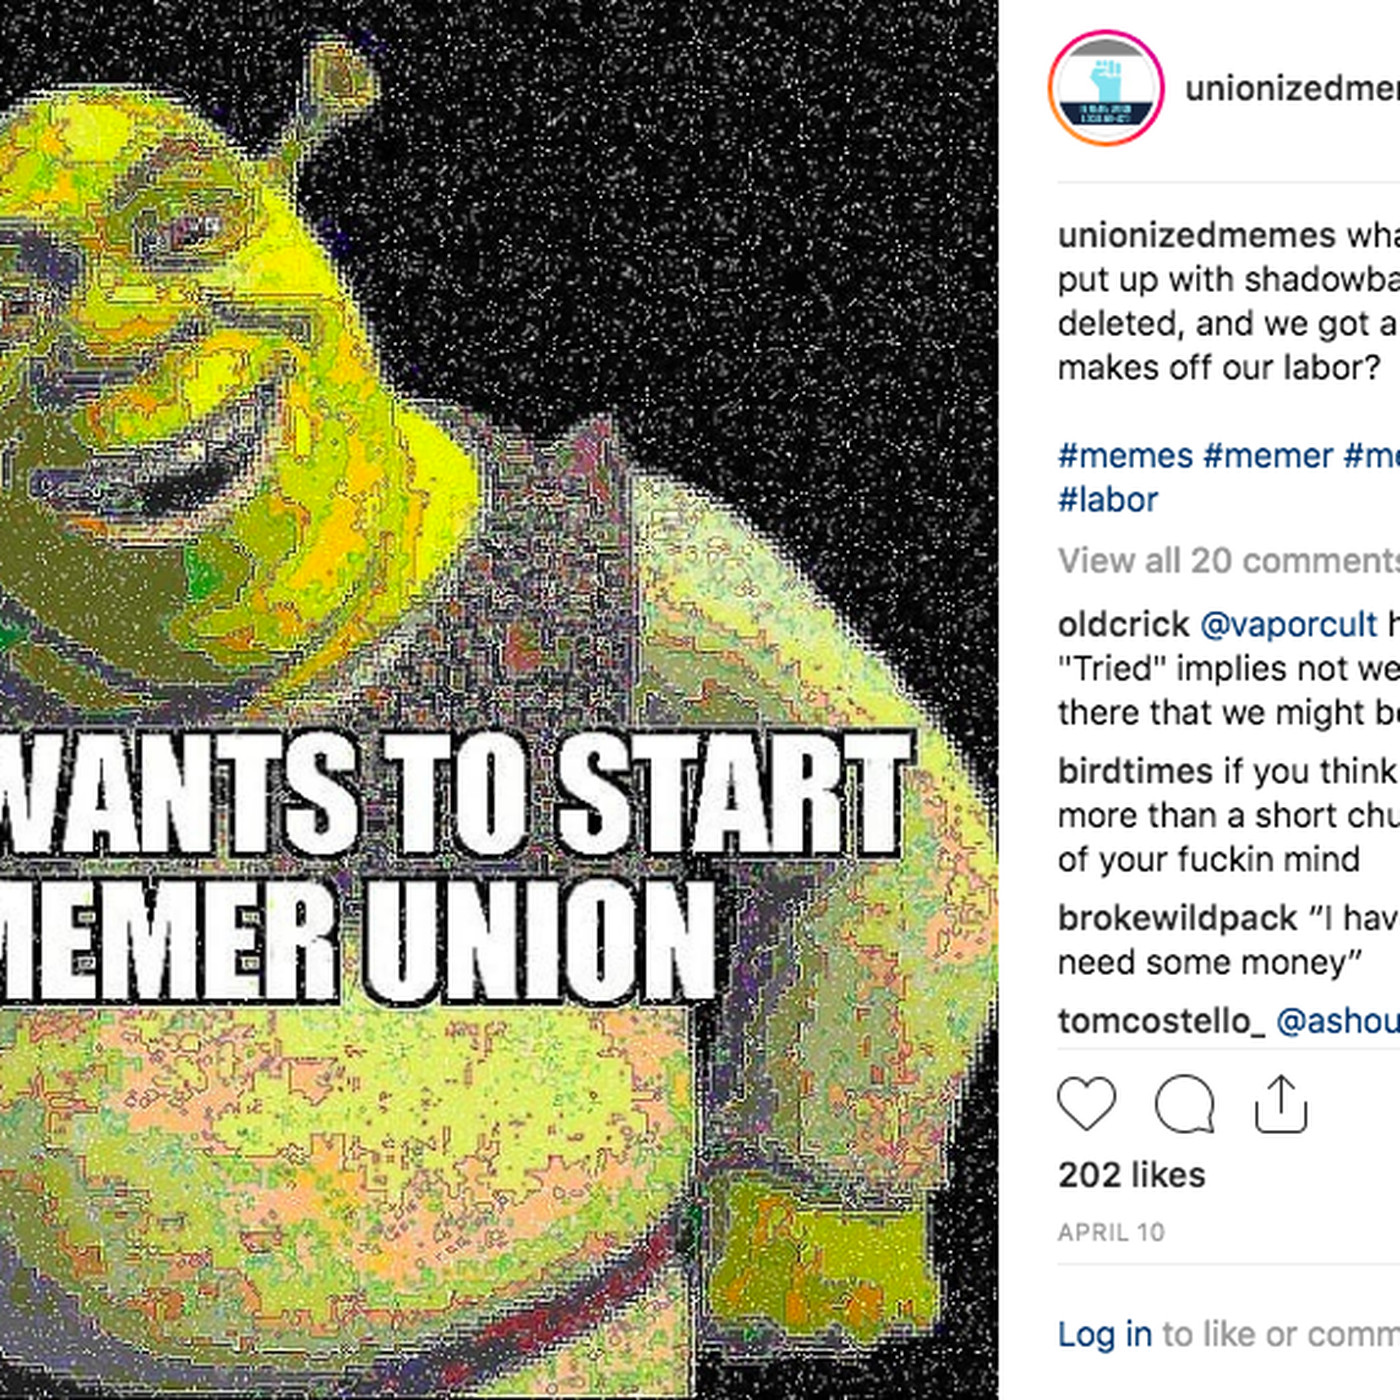 Instagram meme accounts are unionizing - Vox